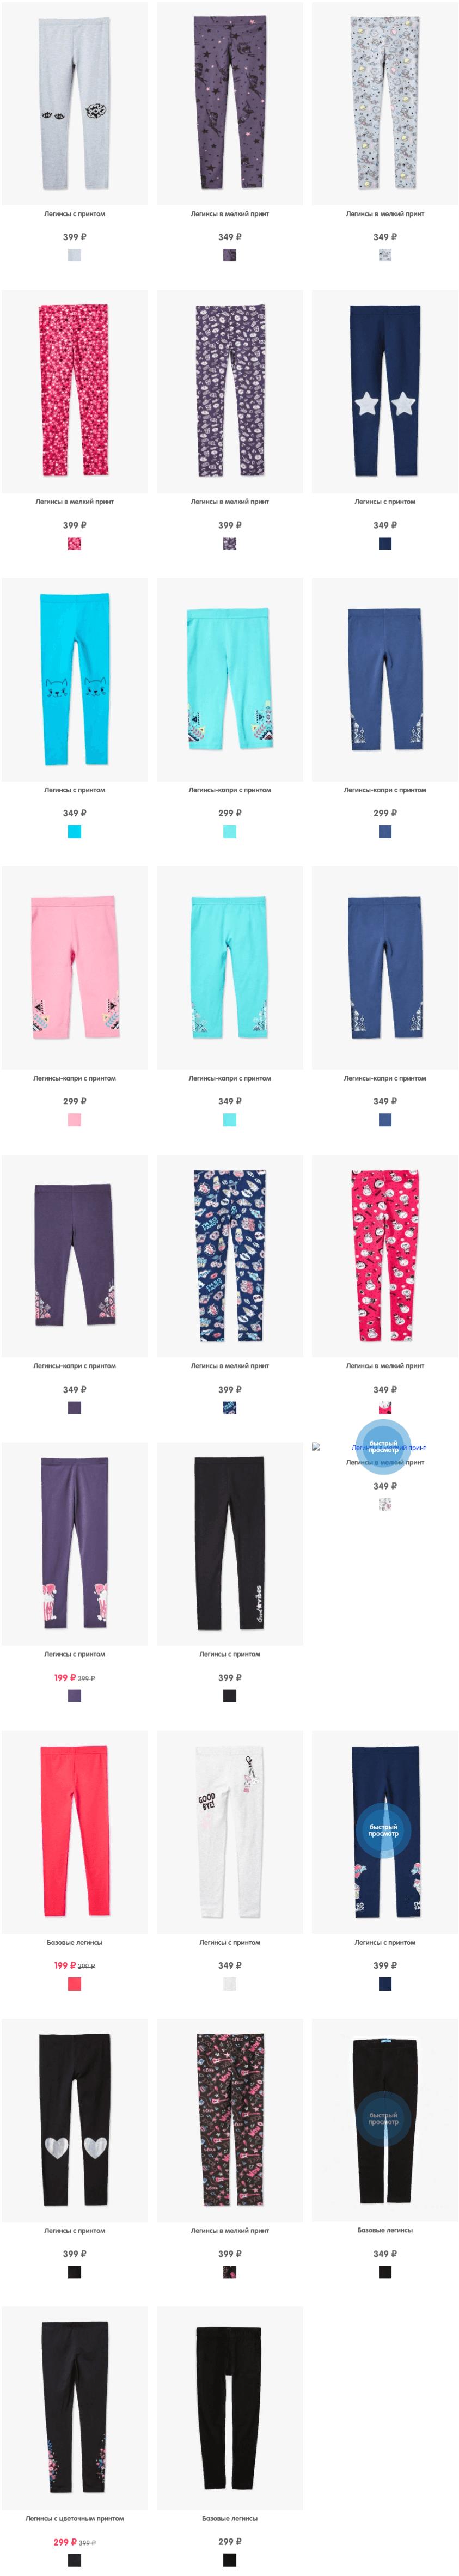 Купить Леггинсы для девочек в интернет-магазине одежды Funday